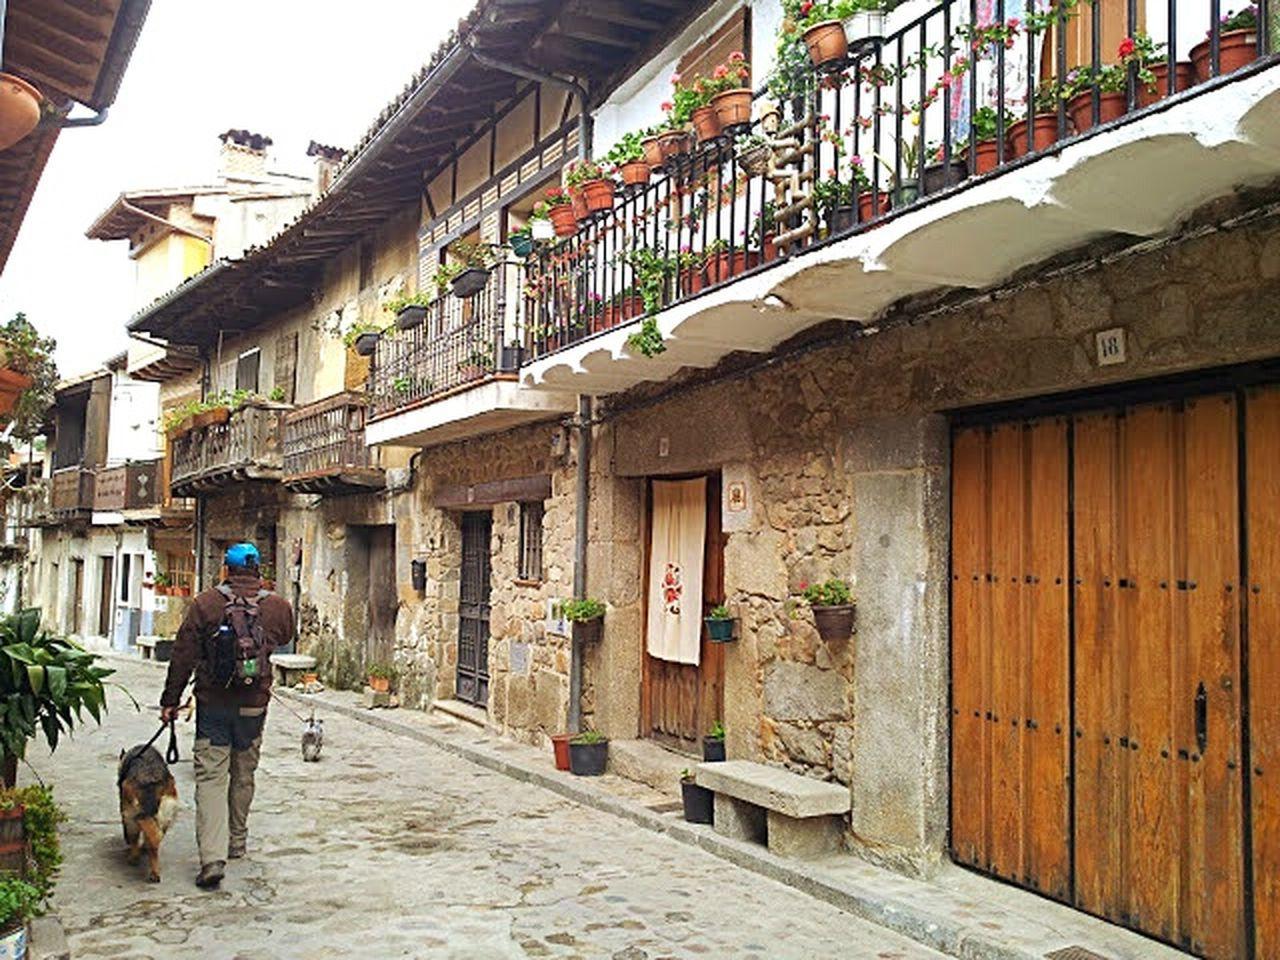 Trekking Pueblos De España Cuevas De Valle Avila Caminata Street